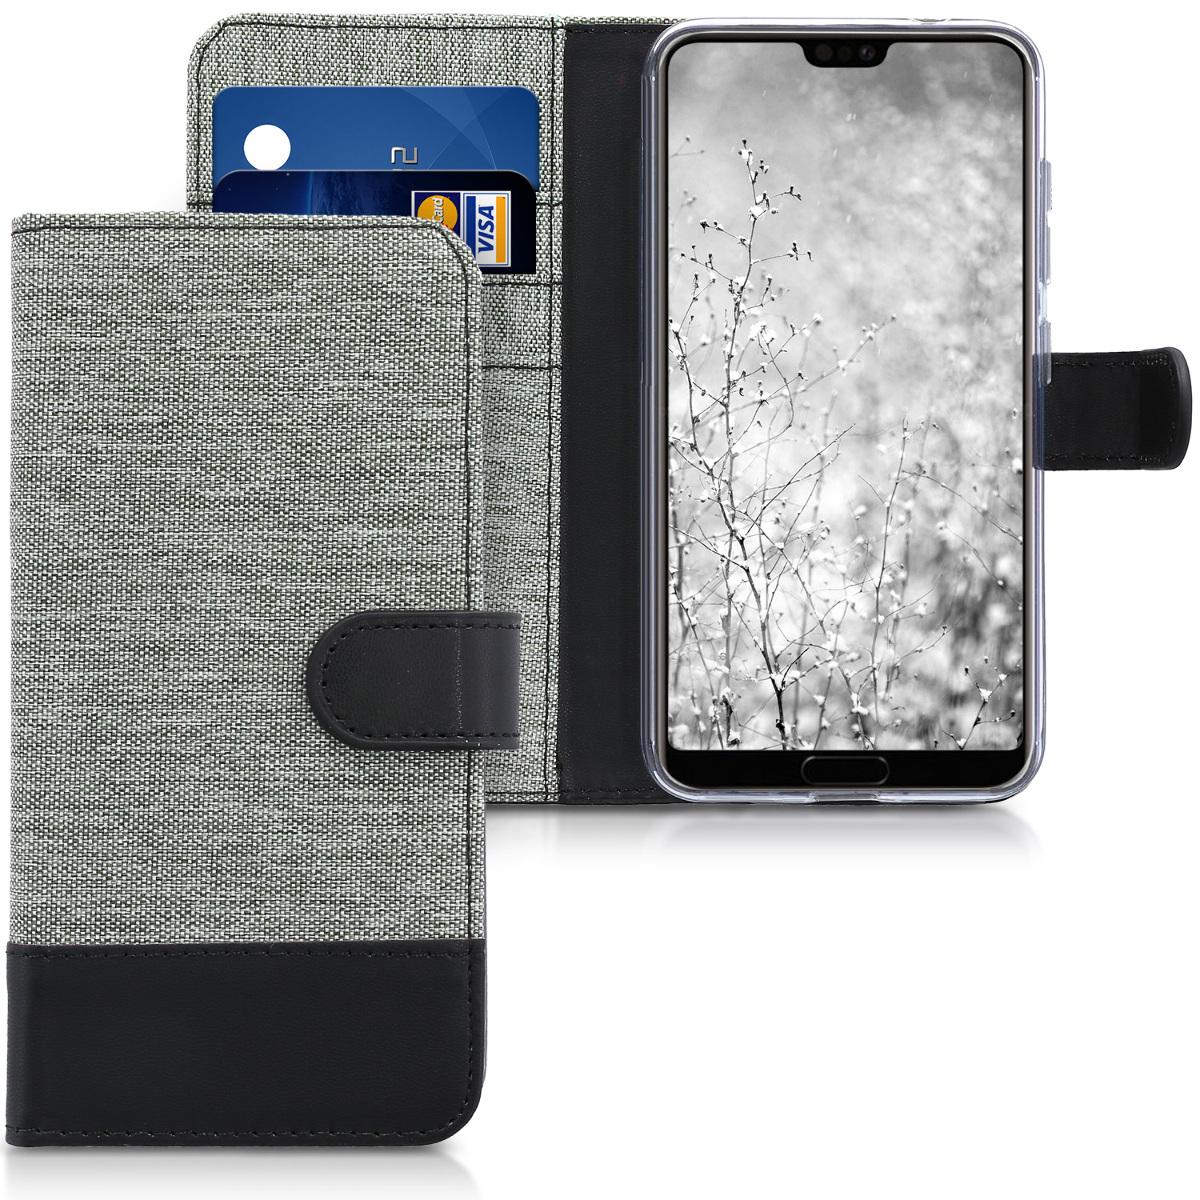 KW Θήκη-Πορτοφόλι Huawei P20 Pro - Γκρι/Μαύρο (44224.01)